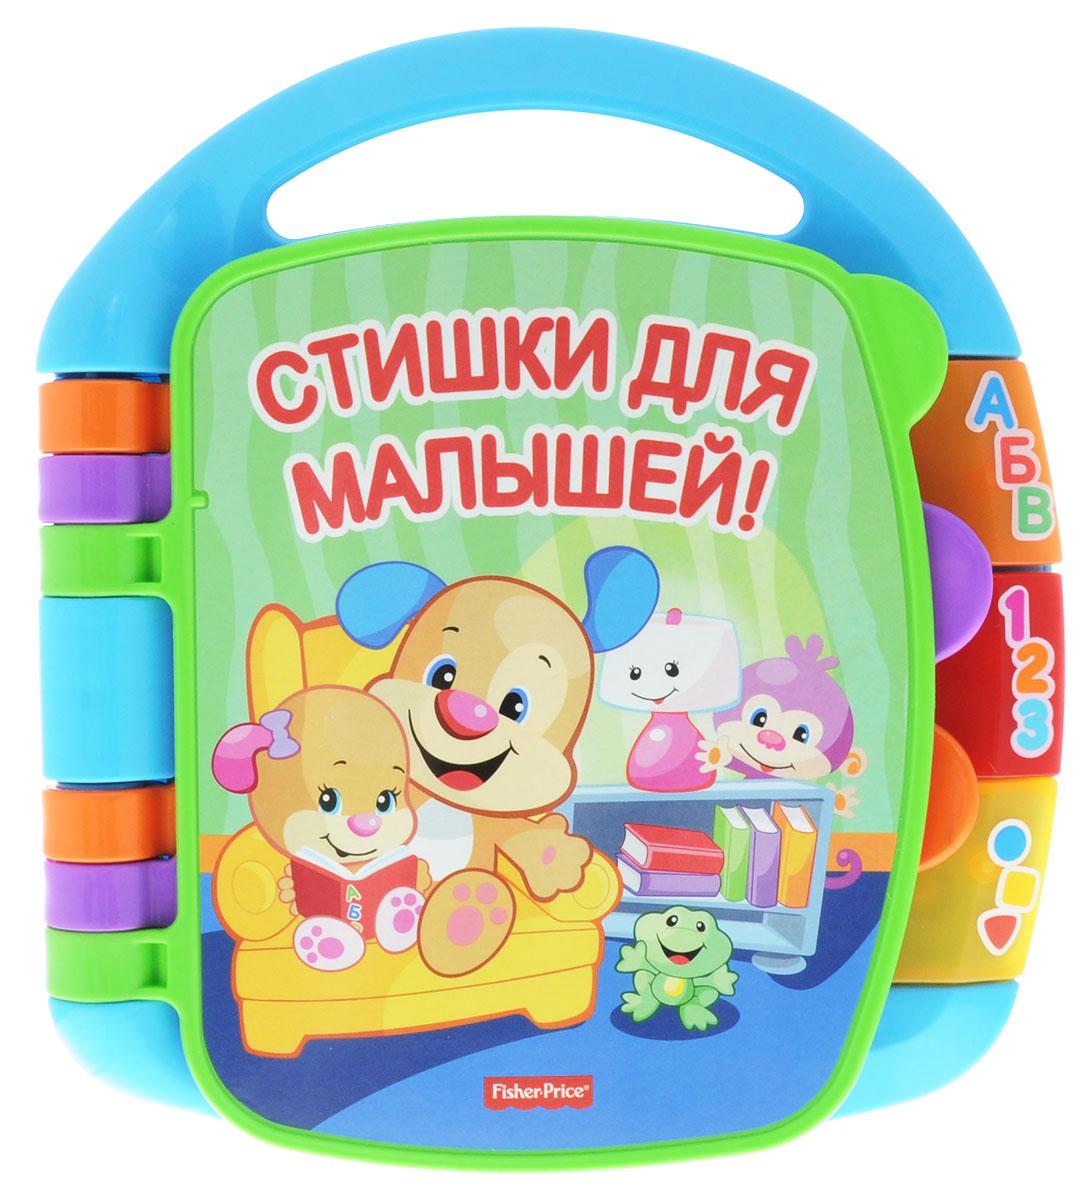 Fisher Price Книжка-игрушка Стишки для малышейCJW28Книжка-игрушка Fisher Price Стишки для малышей - это буквы, цвета, цифры и веселые сюрпризы для малыша на каждой странице! 6 веселых стишков для малышей: Паучок-малютка, Вниз, вниз по реке, Раз, два - одеться пора, Птичий рынок, Ладушки, Лапки, усики, нос. Книжка содержит 3 страницы, которые можно переворачивать и 3 светящиеся кнопки - алфавит, счет, фигуры и цвета. Книжка имеет удобную ручку для переноски. Рекомендуется докупить 2 батарейки типа АА (товар комплектуется демонстрационными).